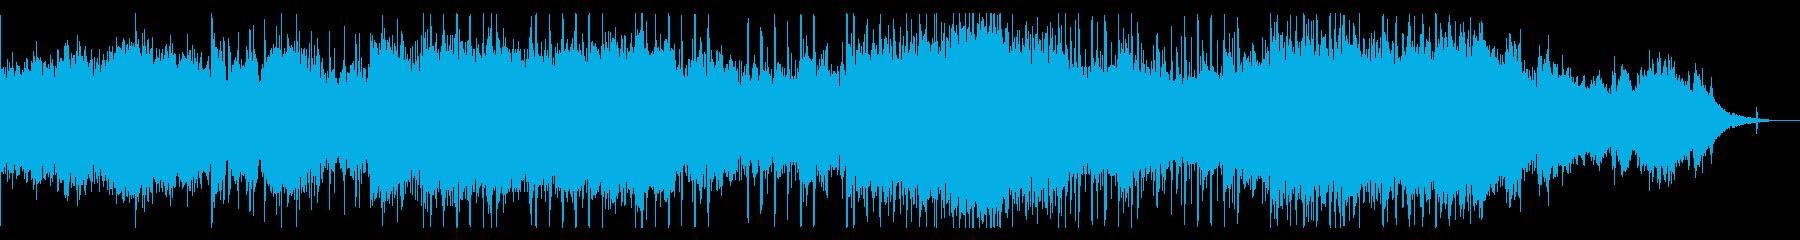 モダンなインダストリアルBGMの再生済みの波形